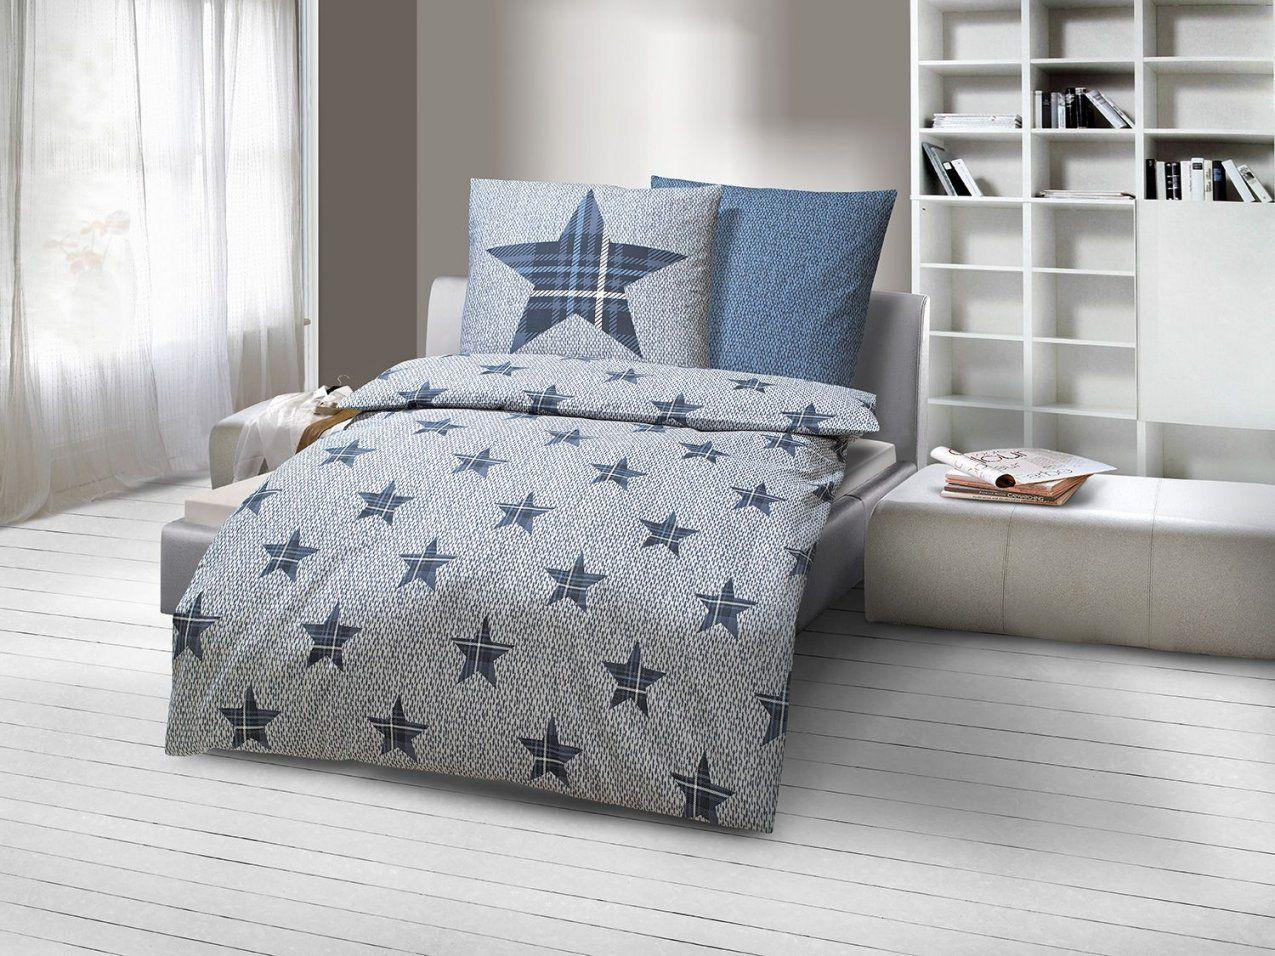 Dobnig Biberbettwäsche Sterne Silber Jeansblau  Lidl Deutschland von Lidl Biber Bettwäsche Bild